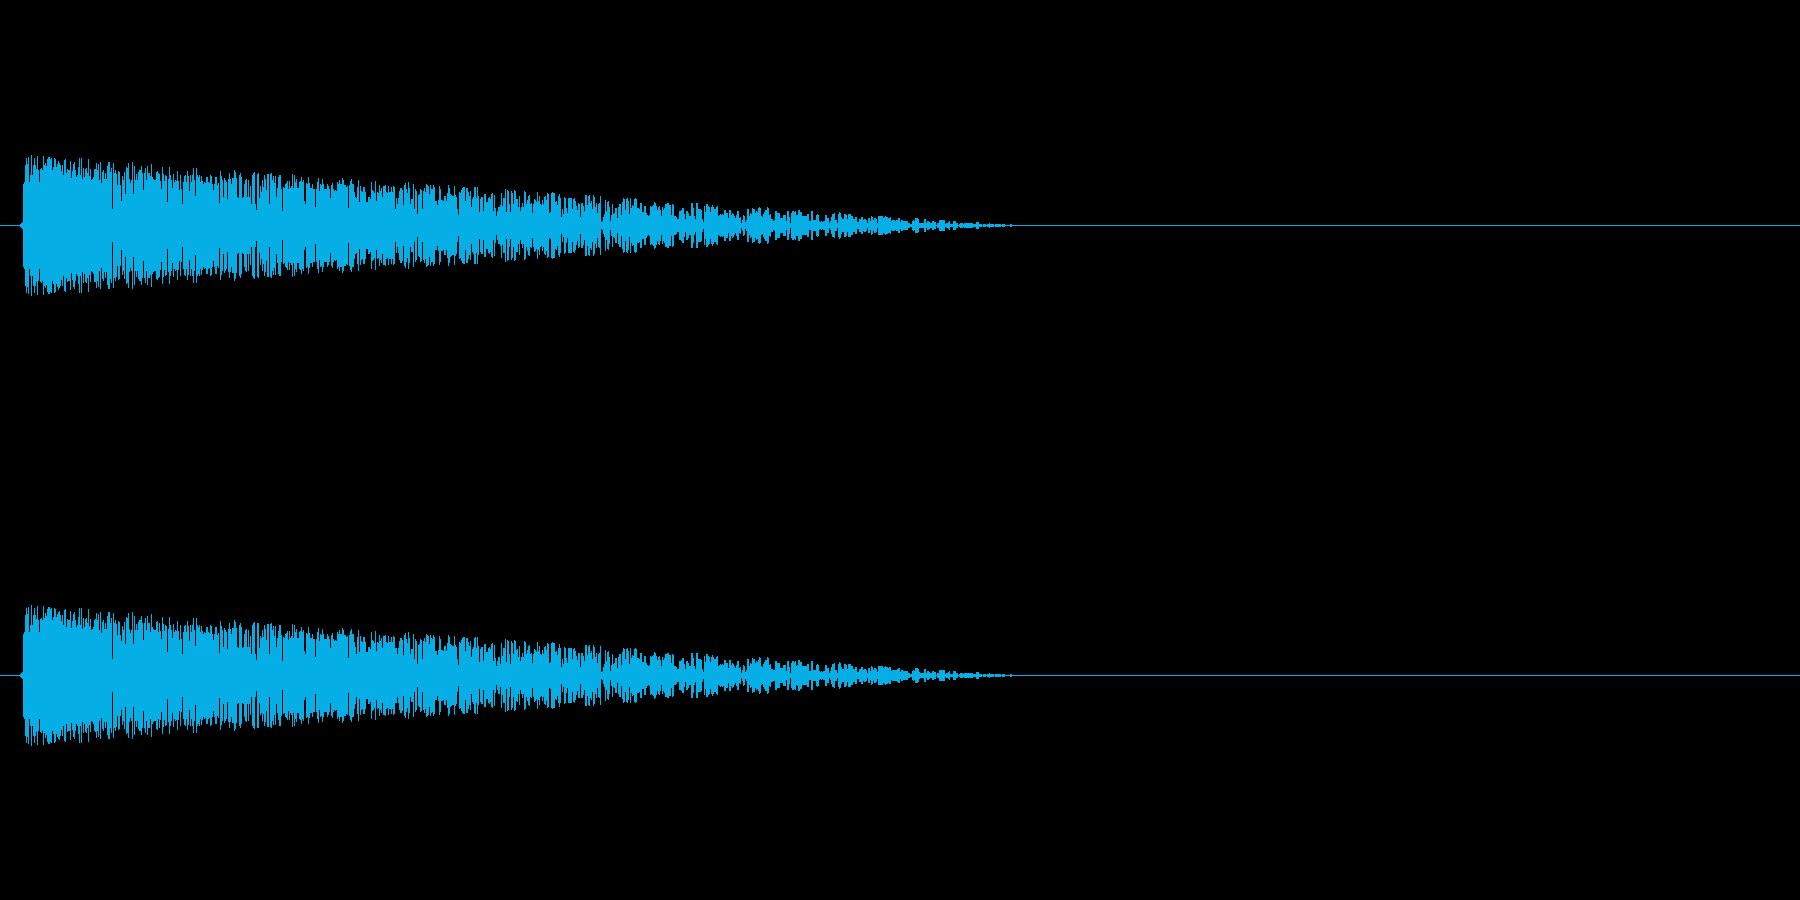 バァ~ン!! ファミコン風爆発音の再生済みの波形